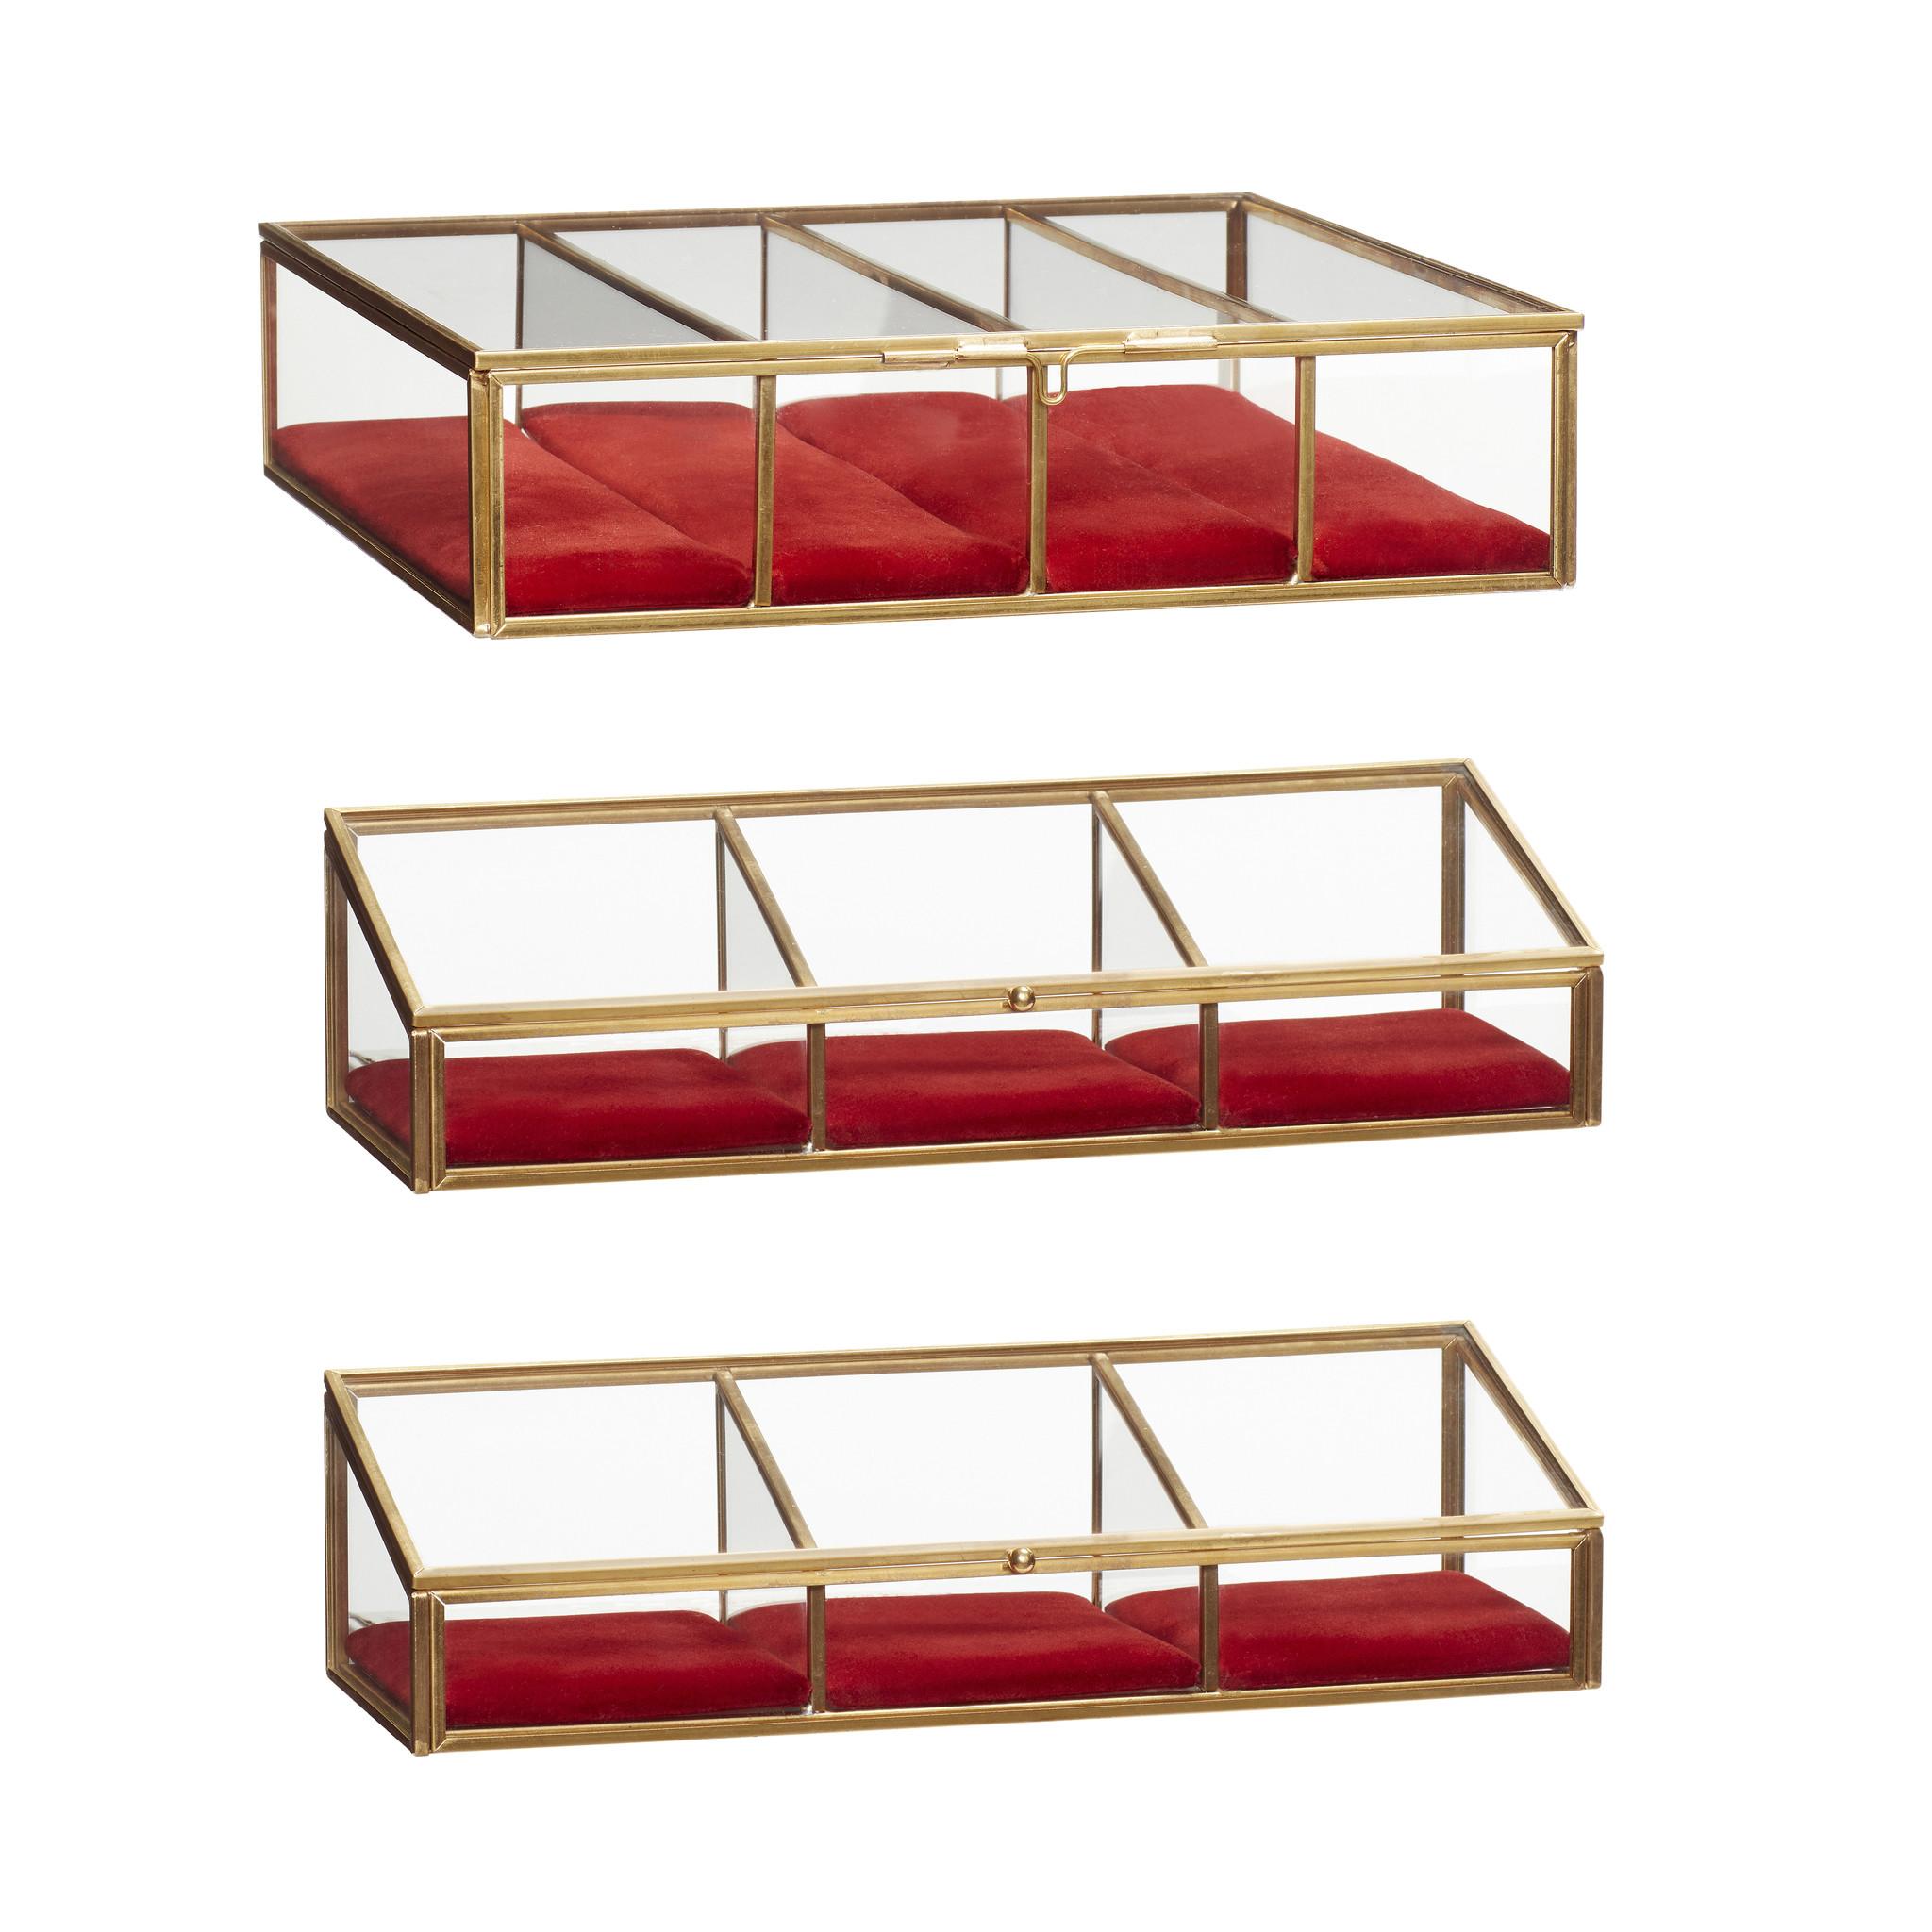 Hubsch Glazen doos, messing / glas, rood, set van 3-150702-5712772064214